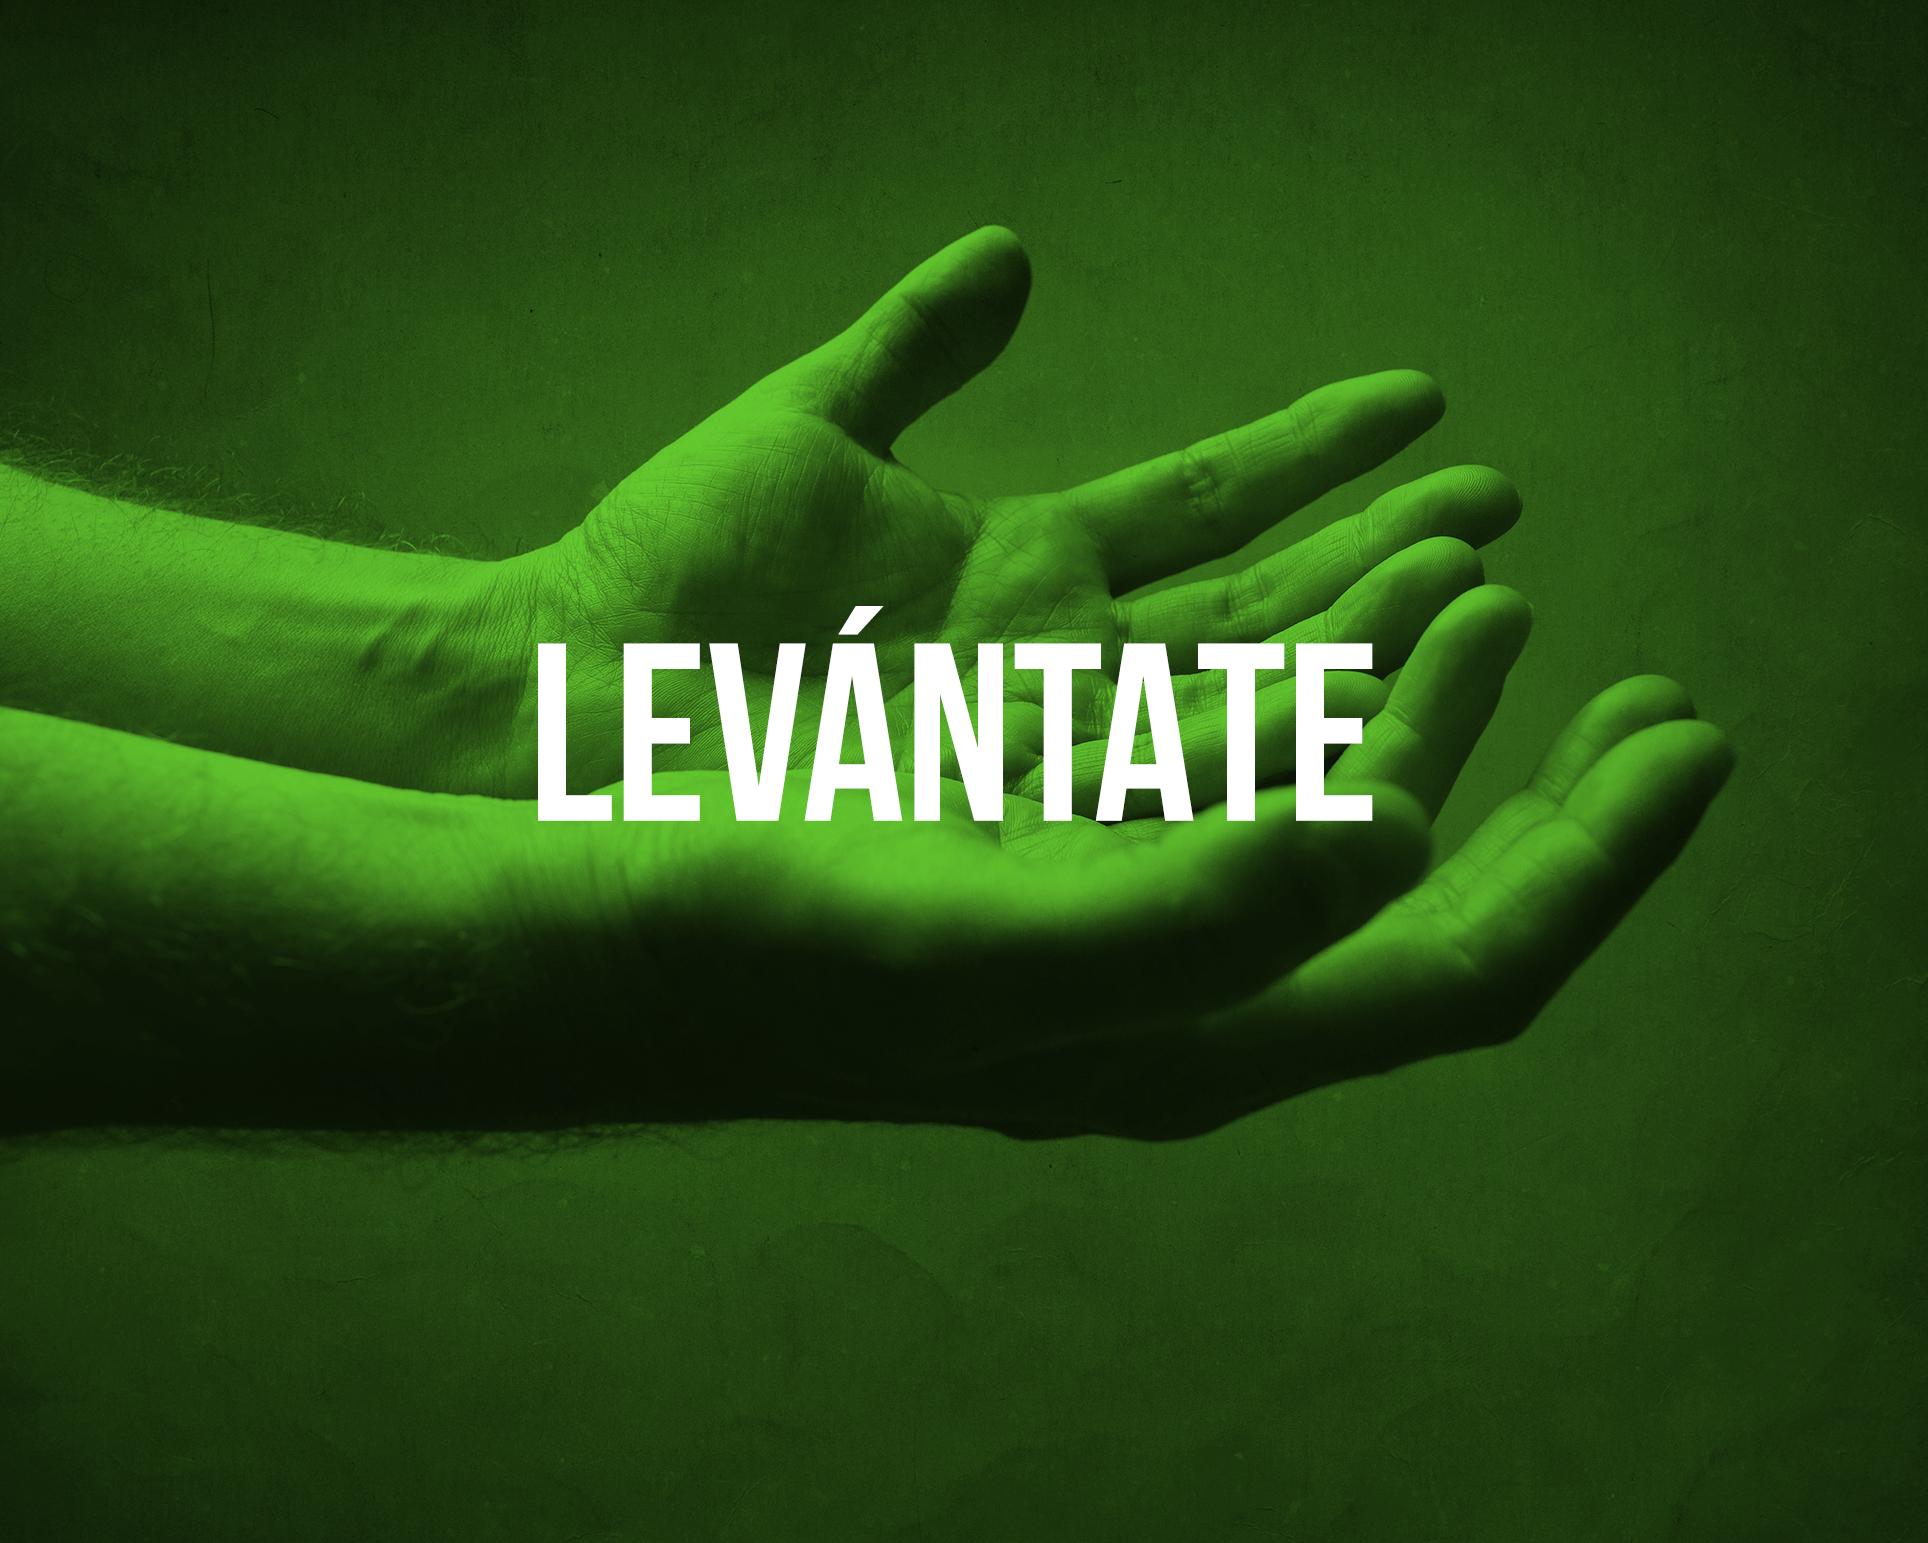 Levántate es nuestro programa de retiros enfocados en una restauración espiritual y sanidad integral de la persona.